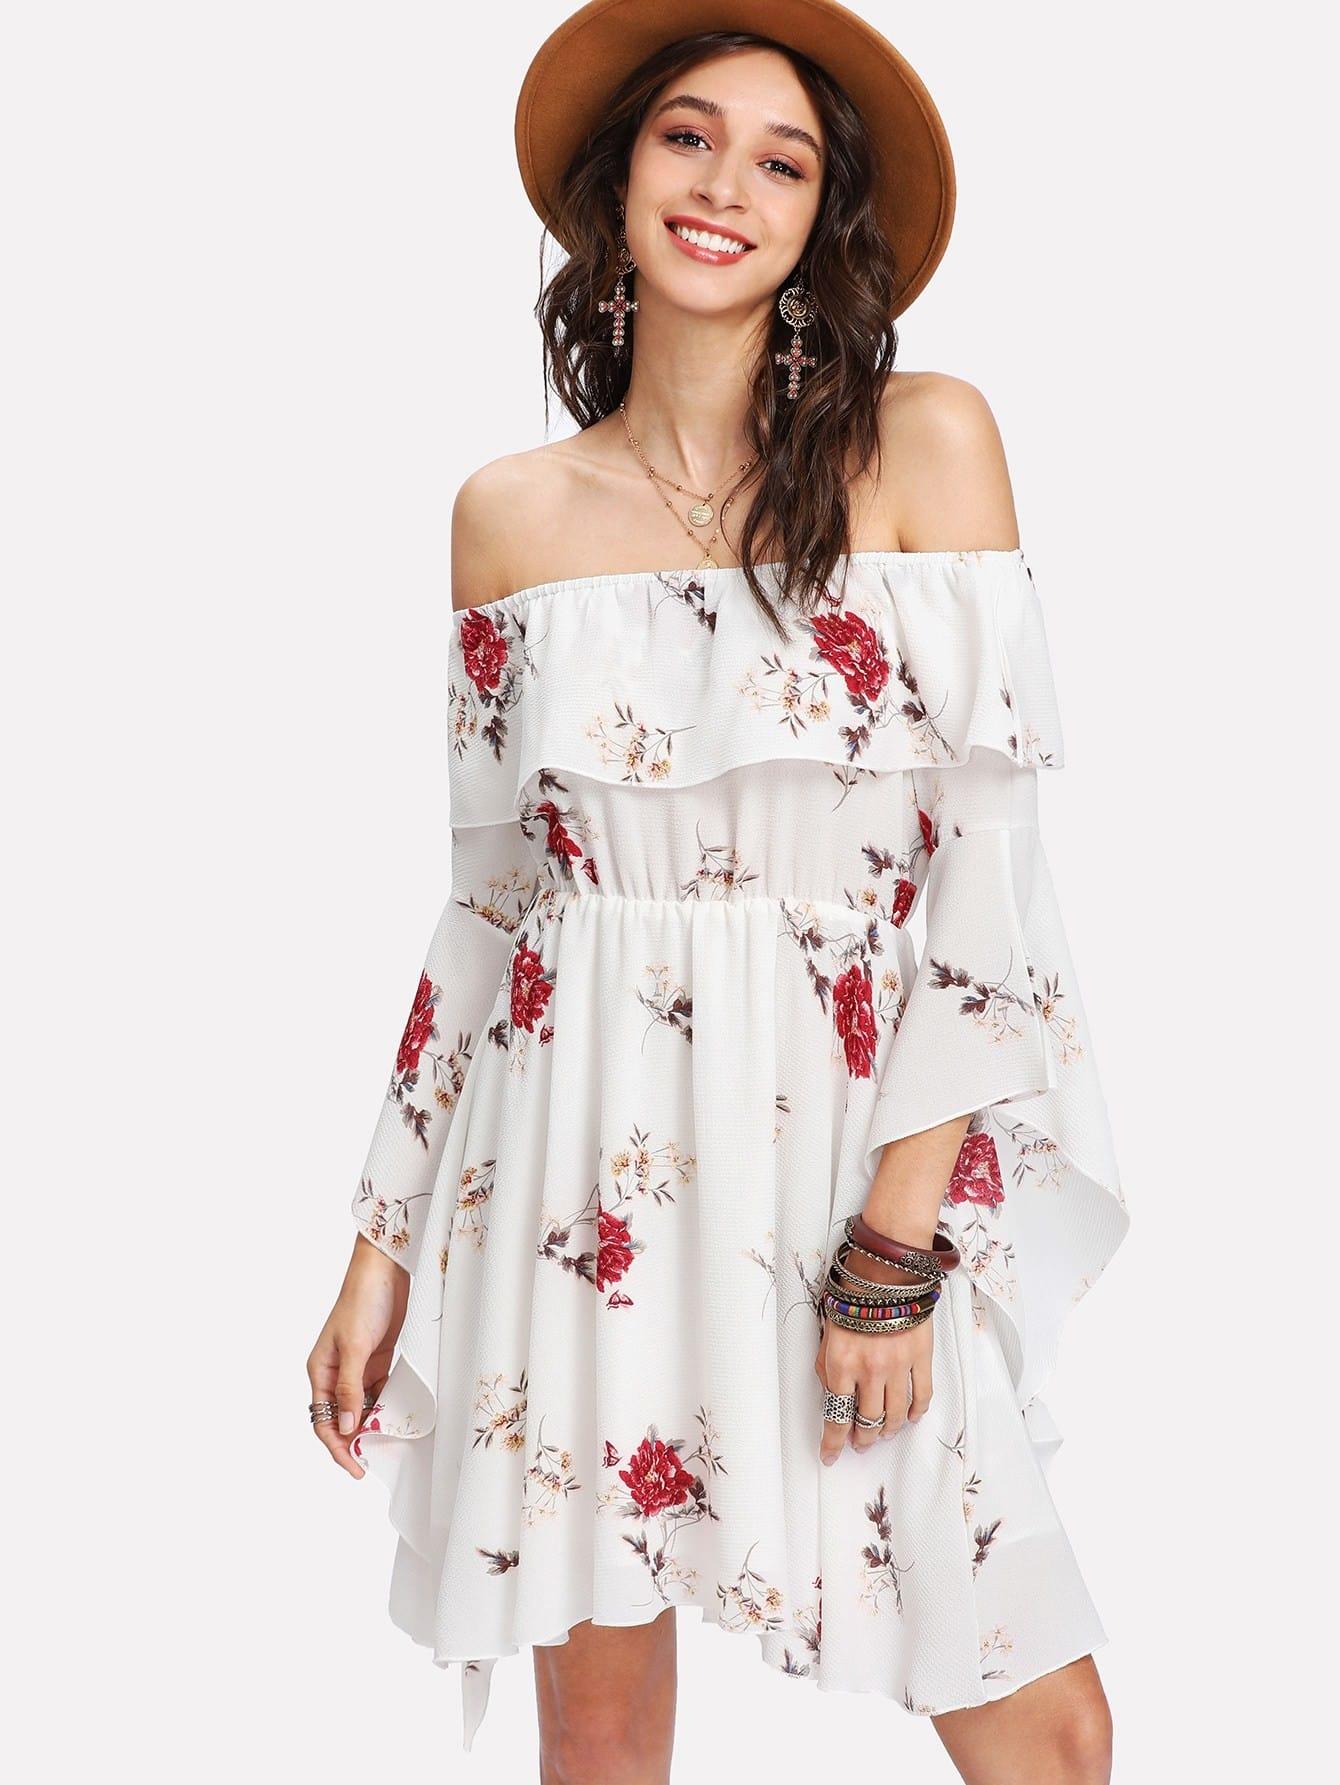 Flounce Bardot Neck Trumpet Sleeve Floral Dress floral flounce bardot dress